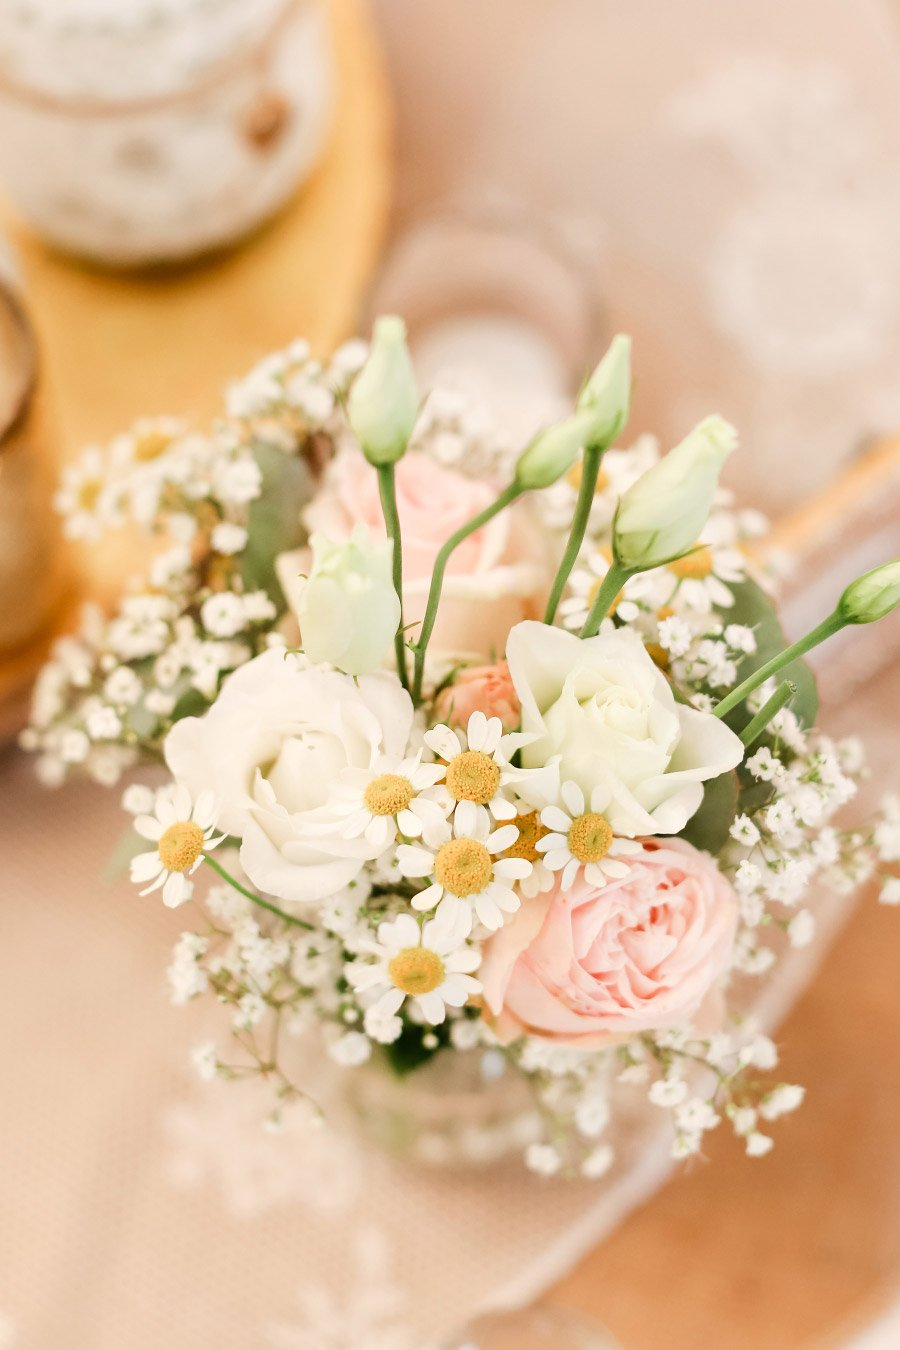 Blumen bei der Hochzeit